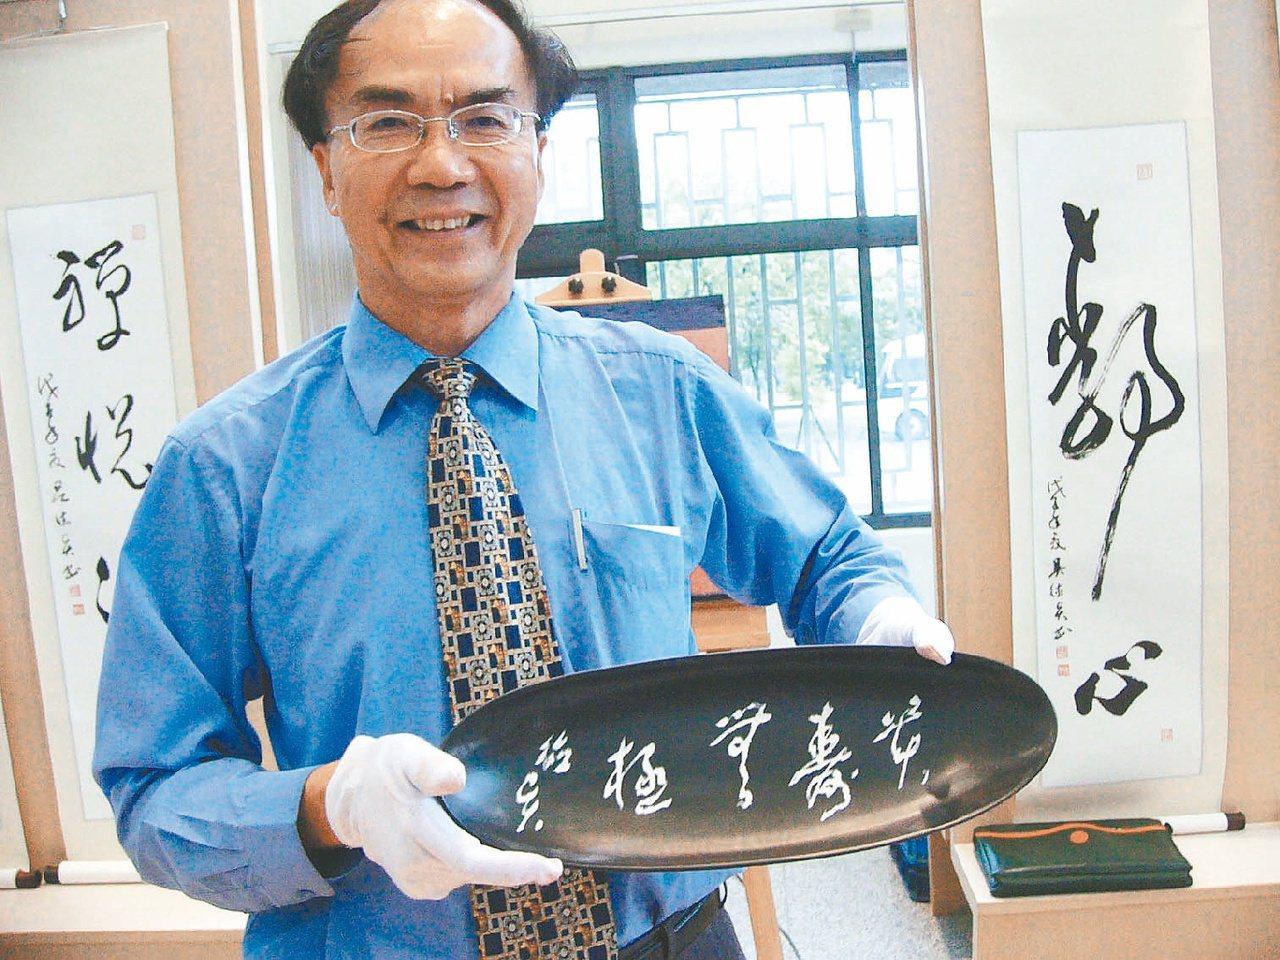 吳德賢以磨刀在螺溪石盤上寫書法,自成一格,背後也是他的書法作品。  圖/黃寅 ...